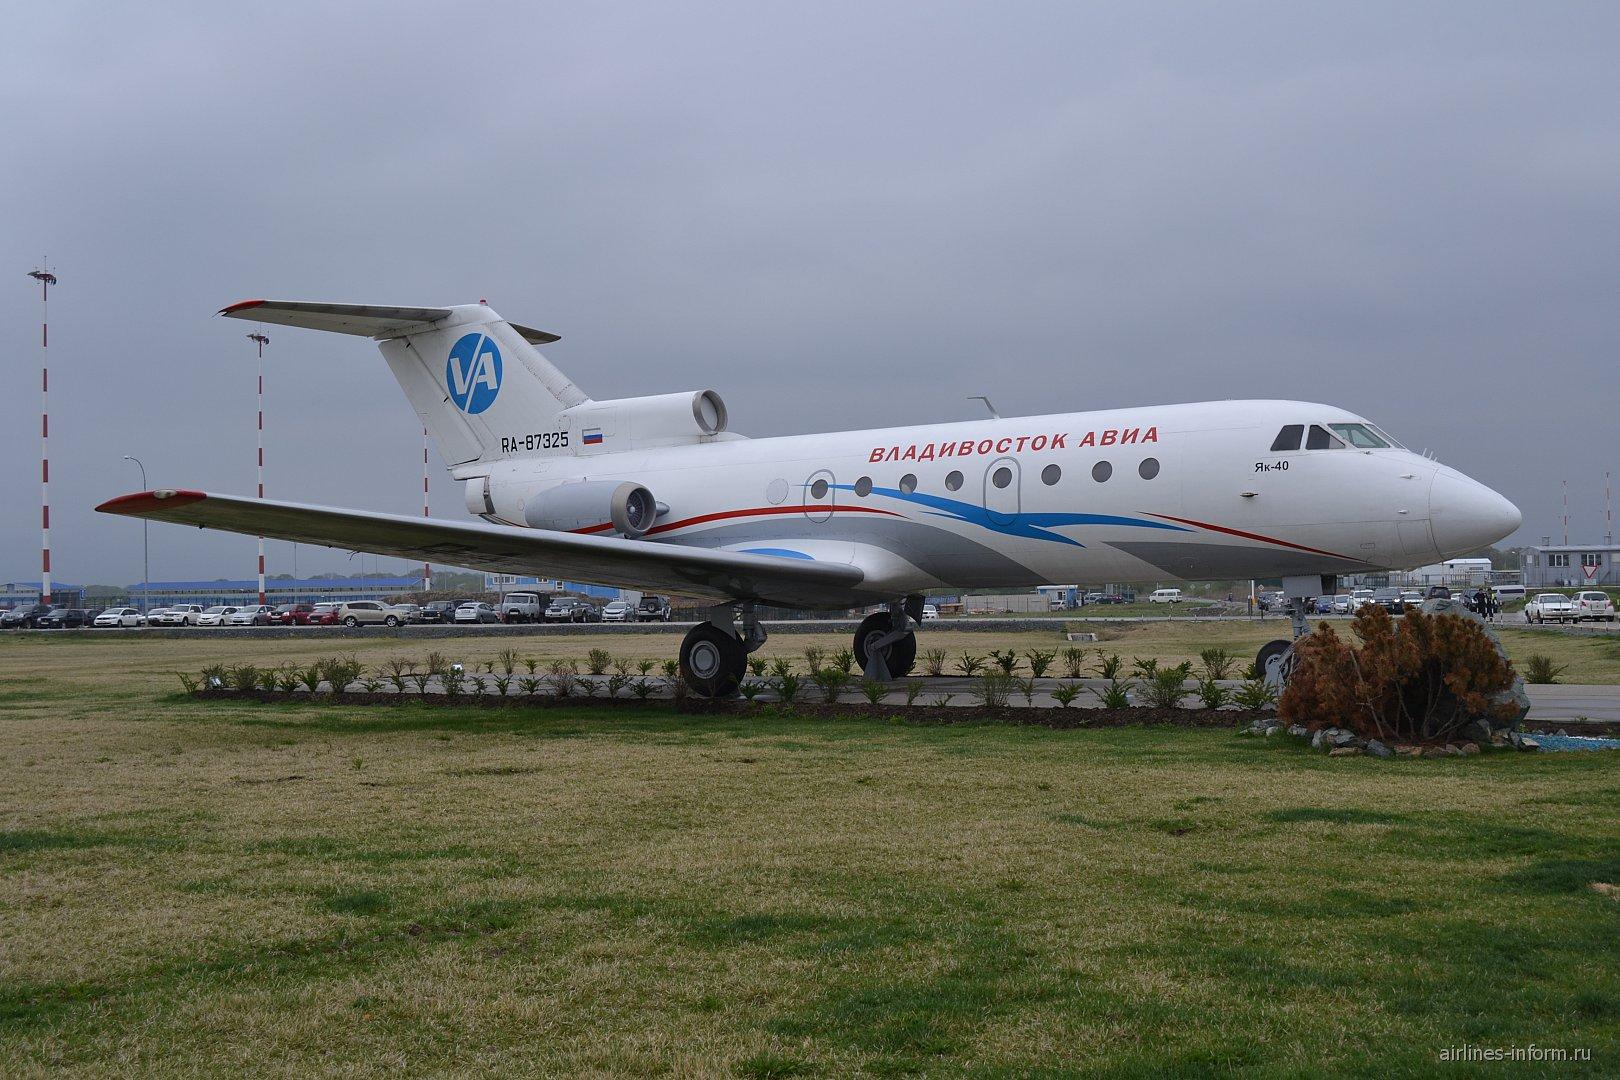 Памятник самолету Як-40 в аэропорту Владивостока